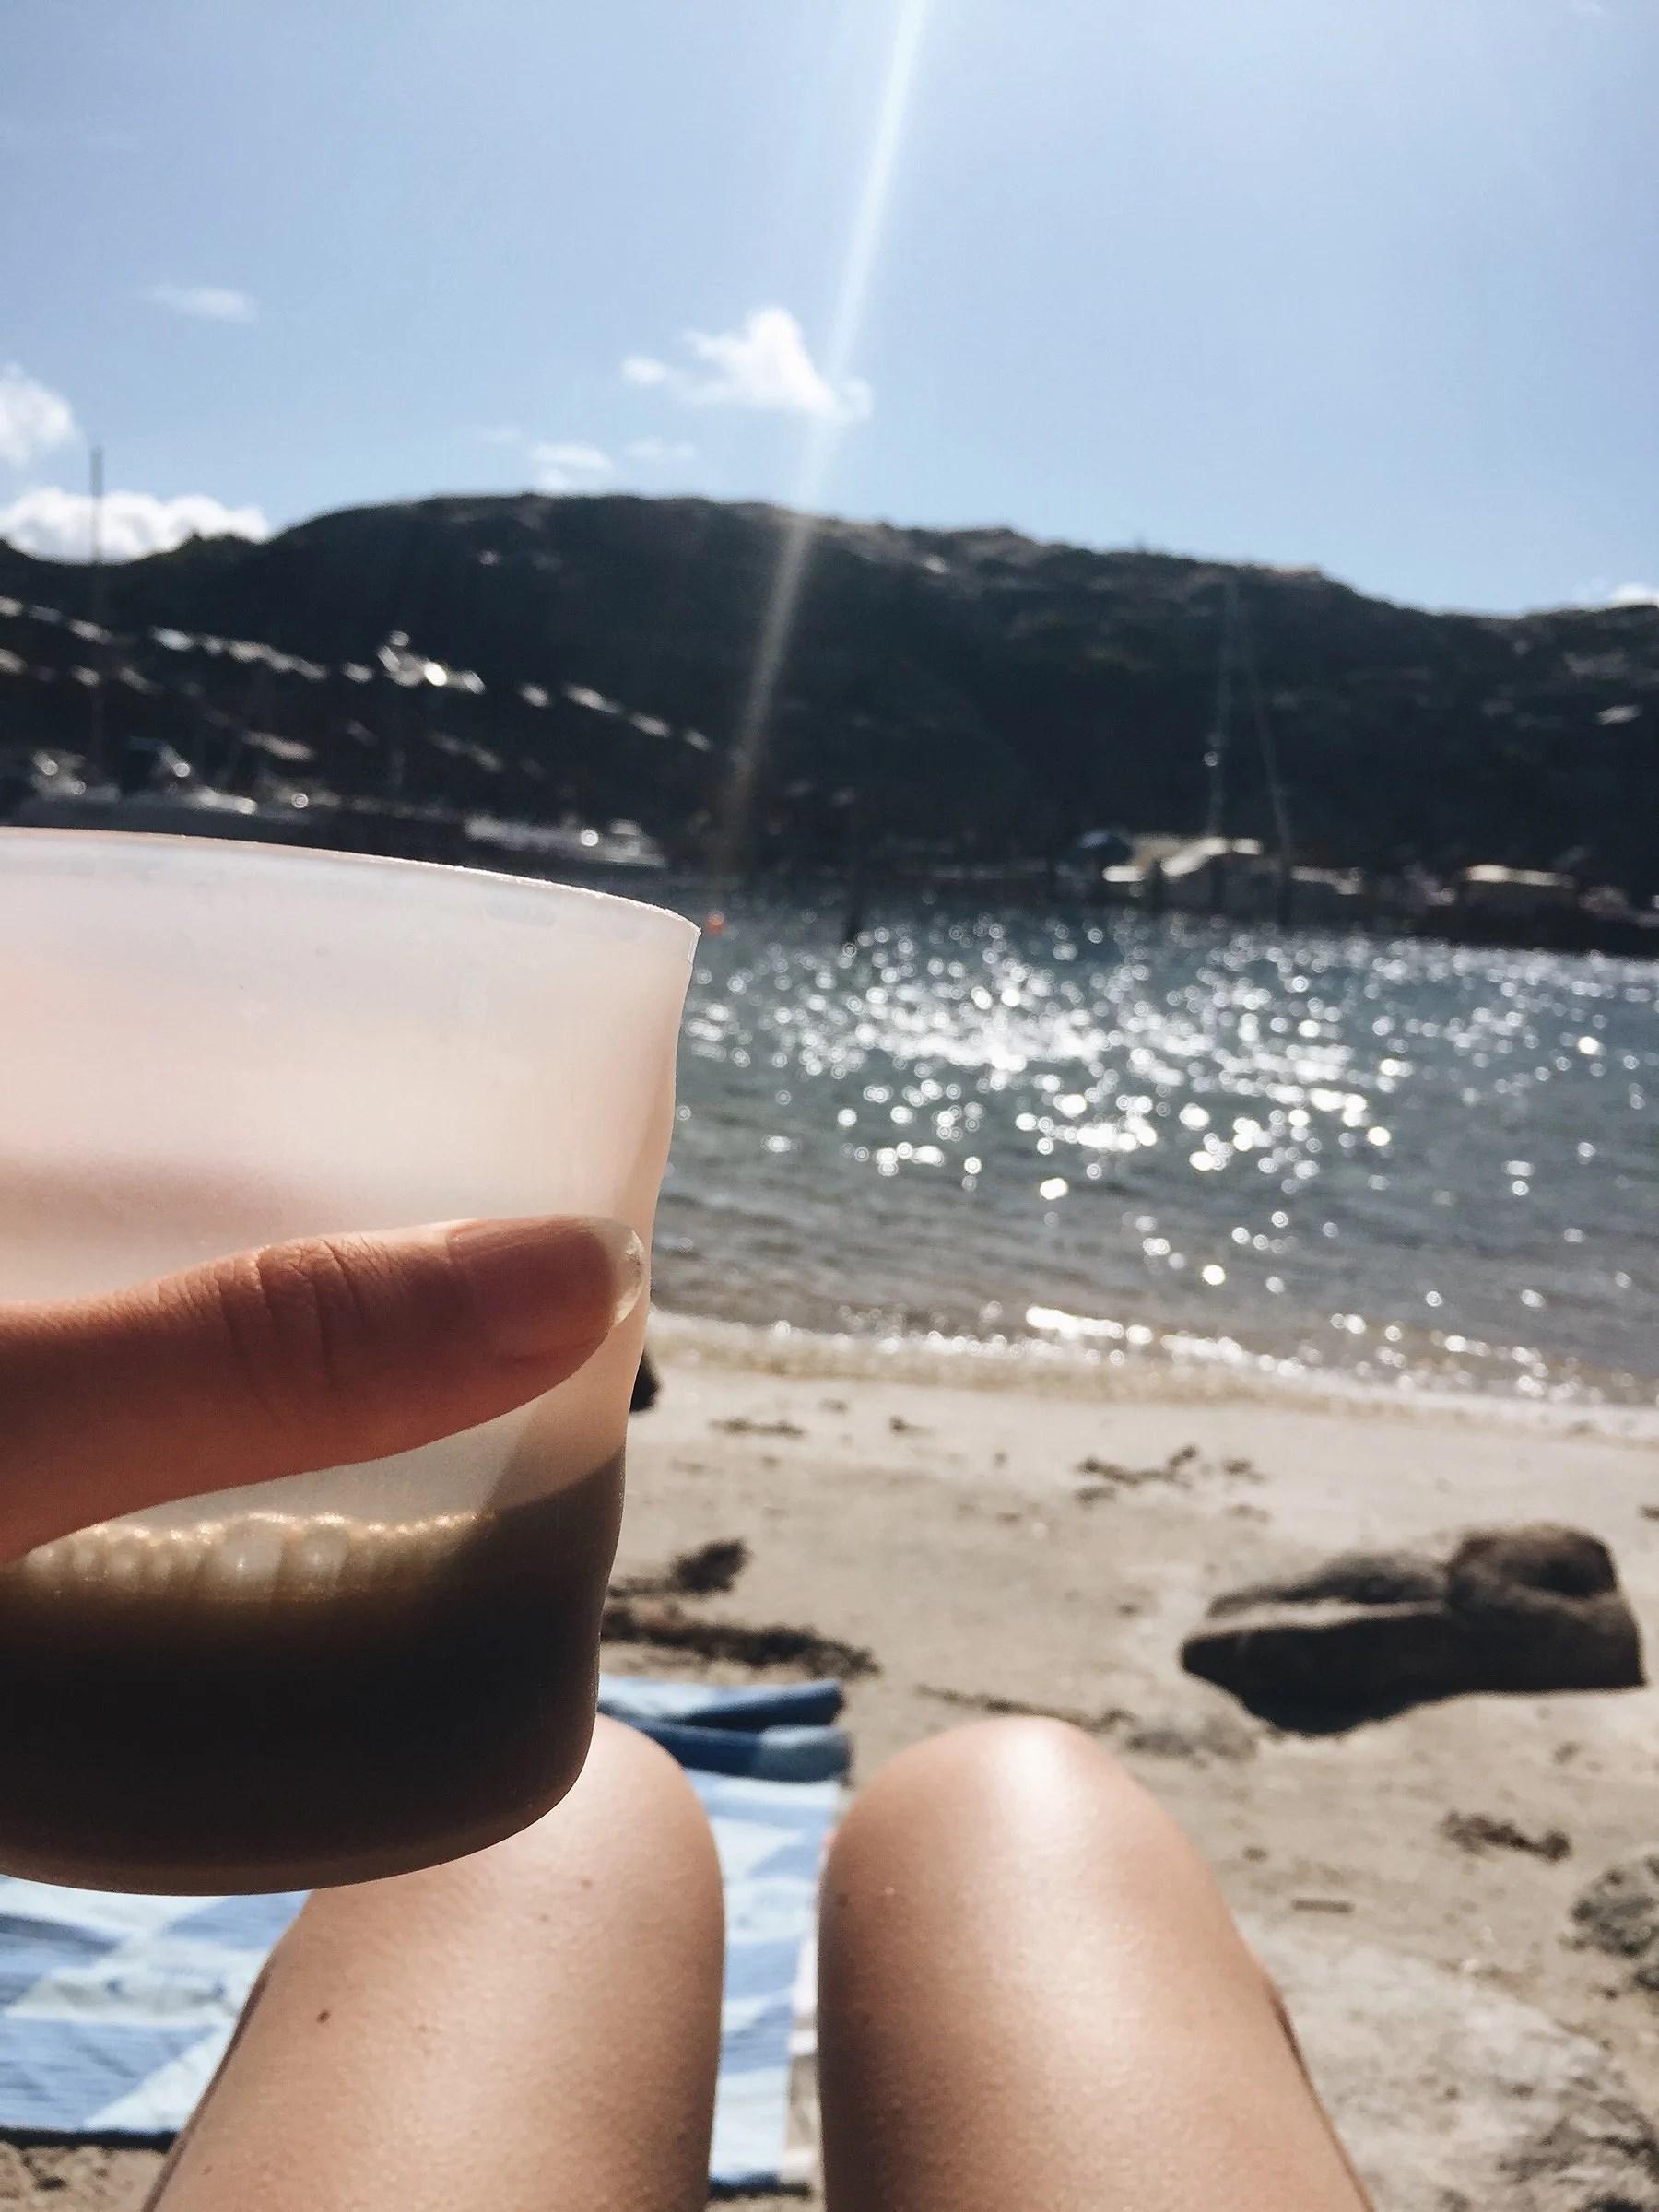 Stranden igen o en aning brunare